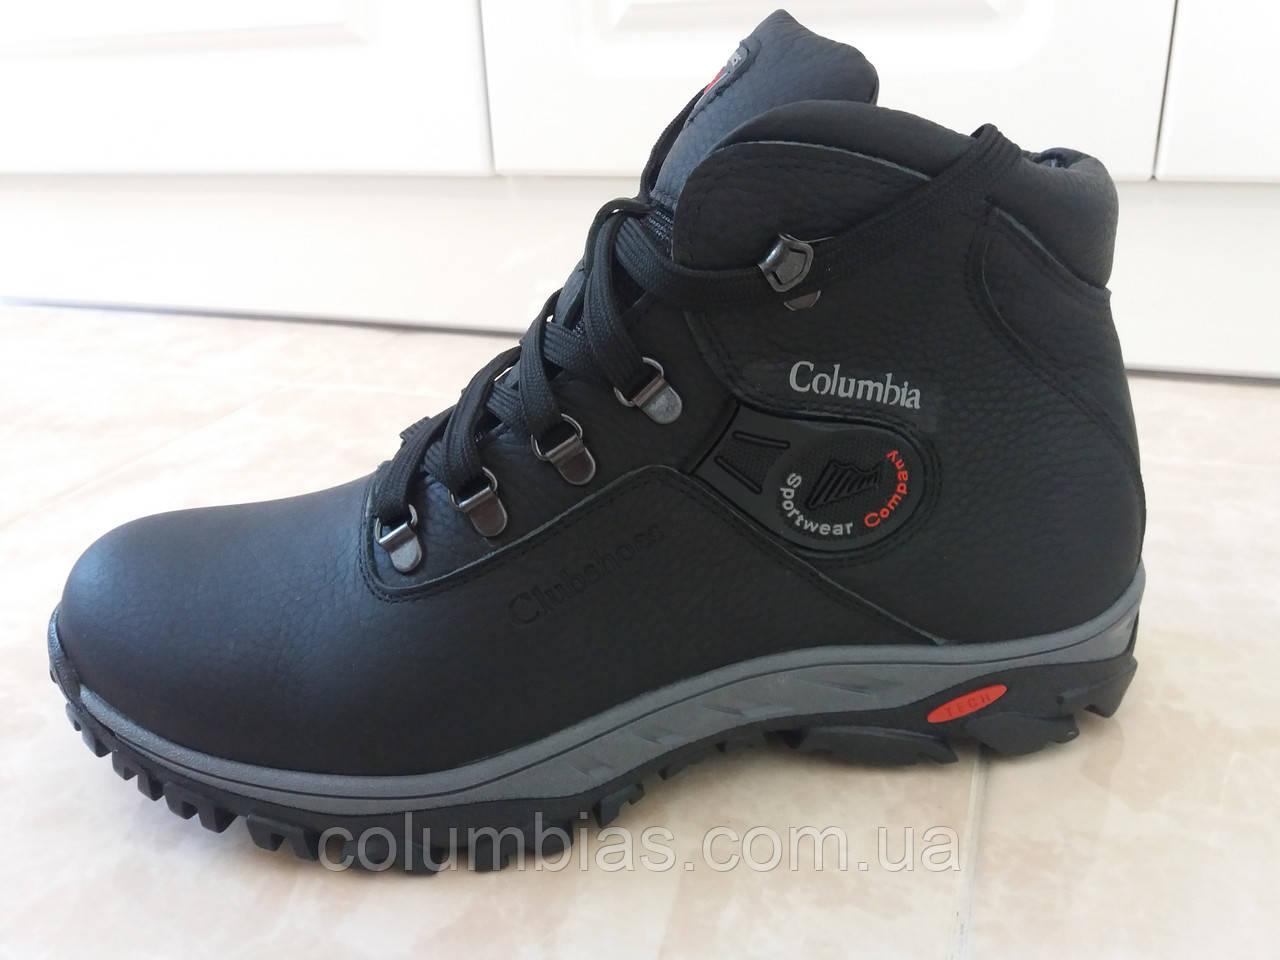 Зимние Ботинки Columвia 7н — в Категории